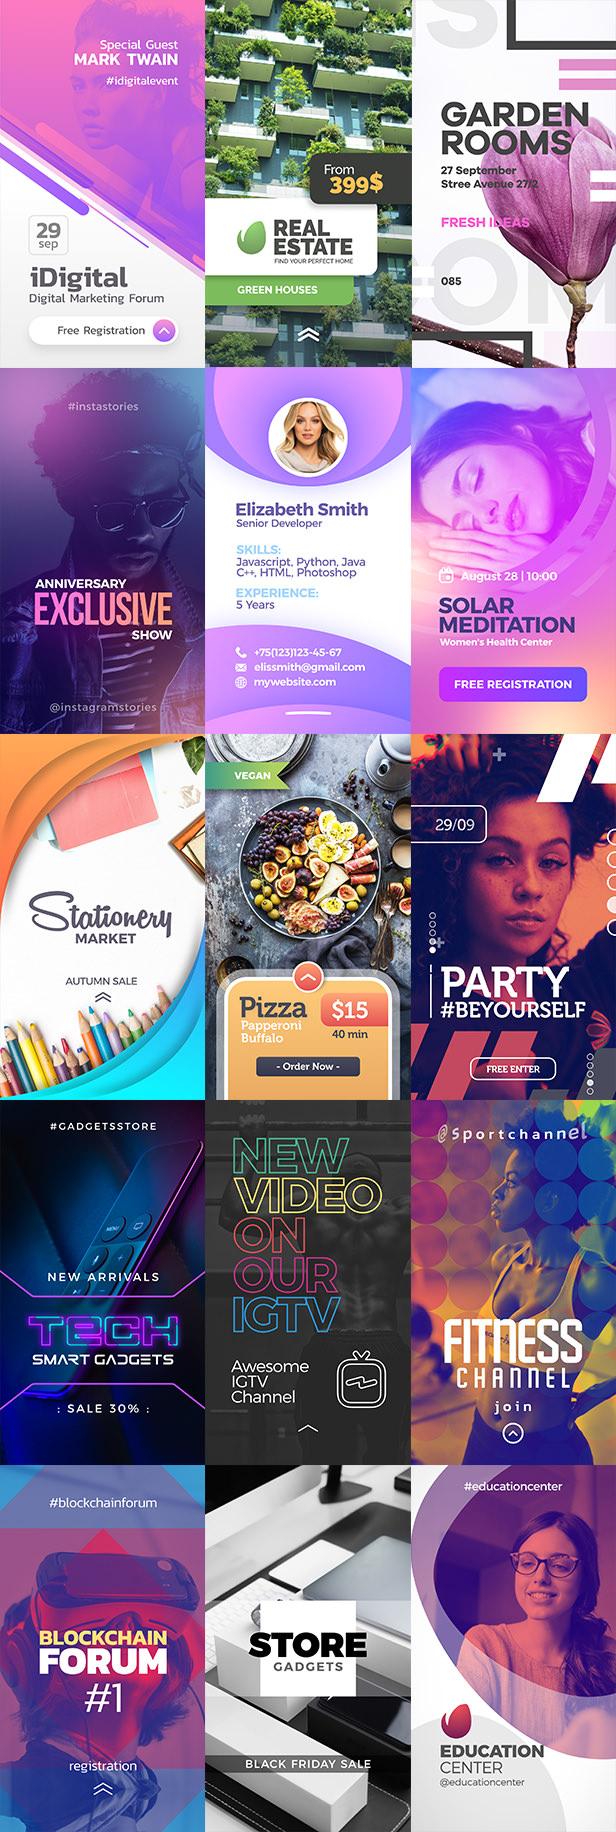 دانلود پروژه افترافکت Instagram Stories - مجموعه استوری های آماده اینستاگرام